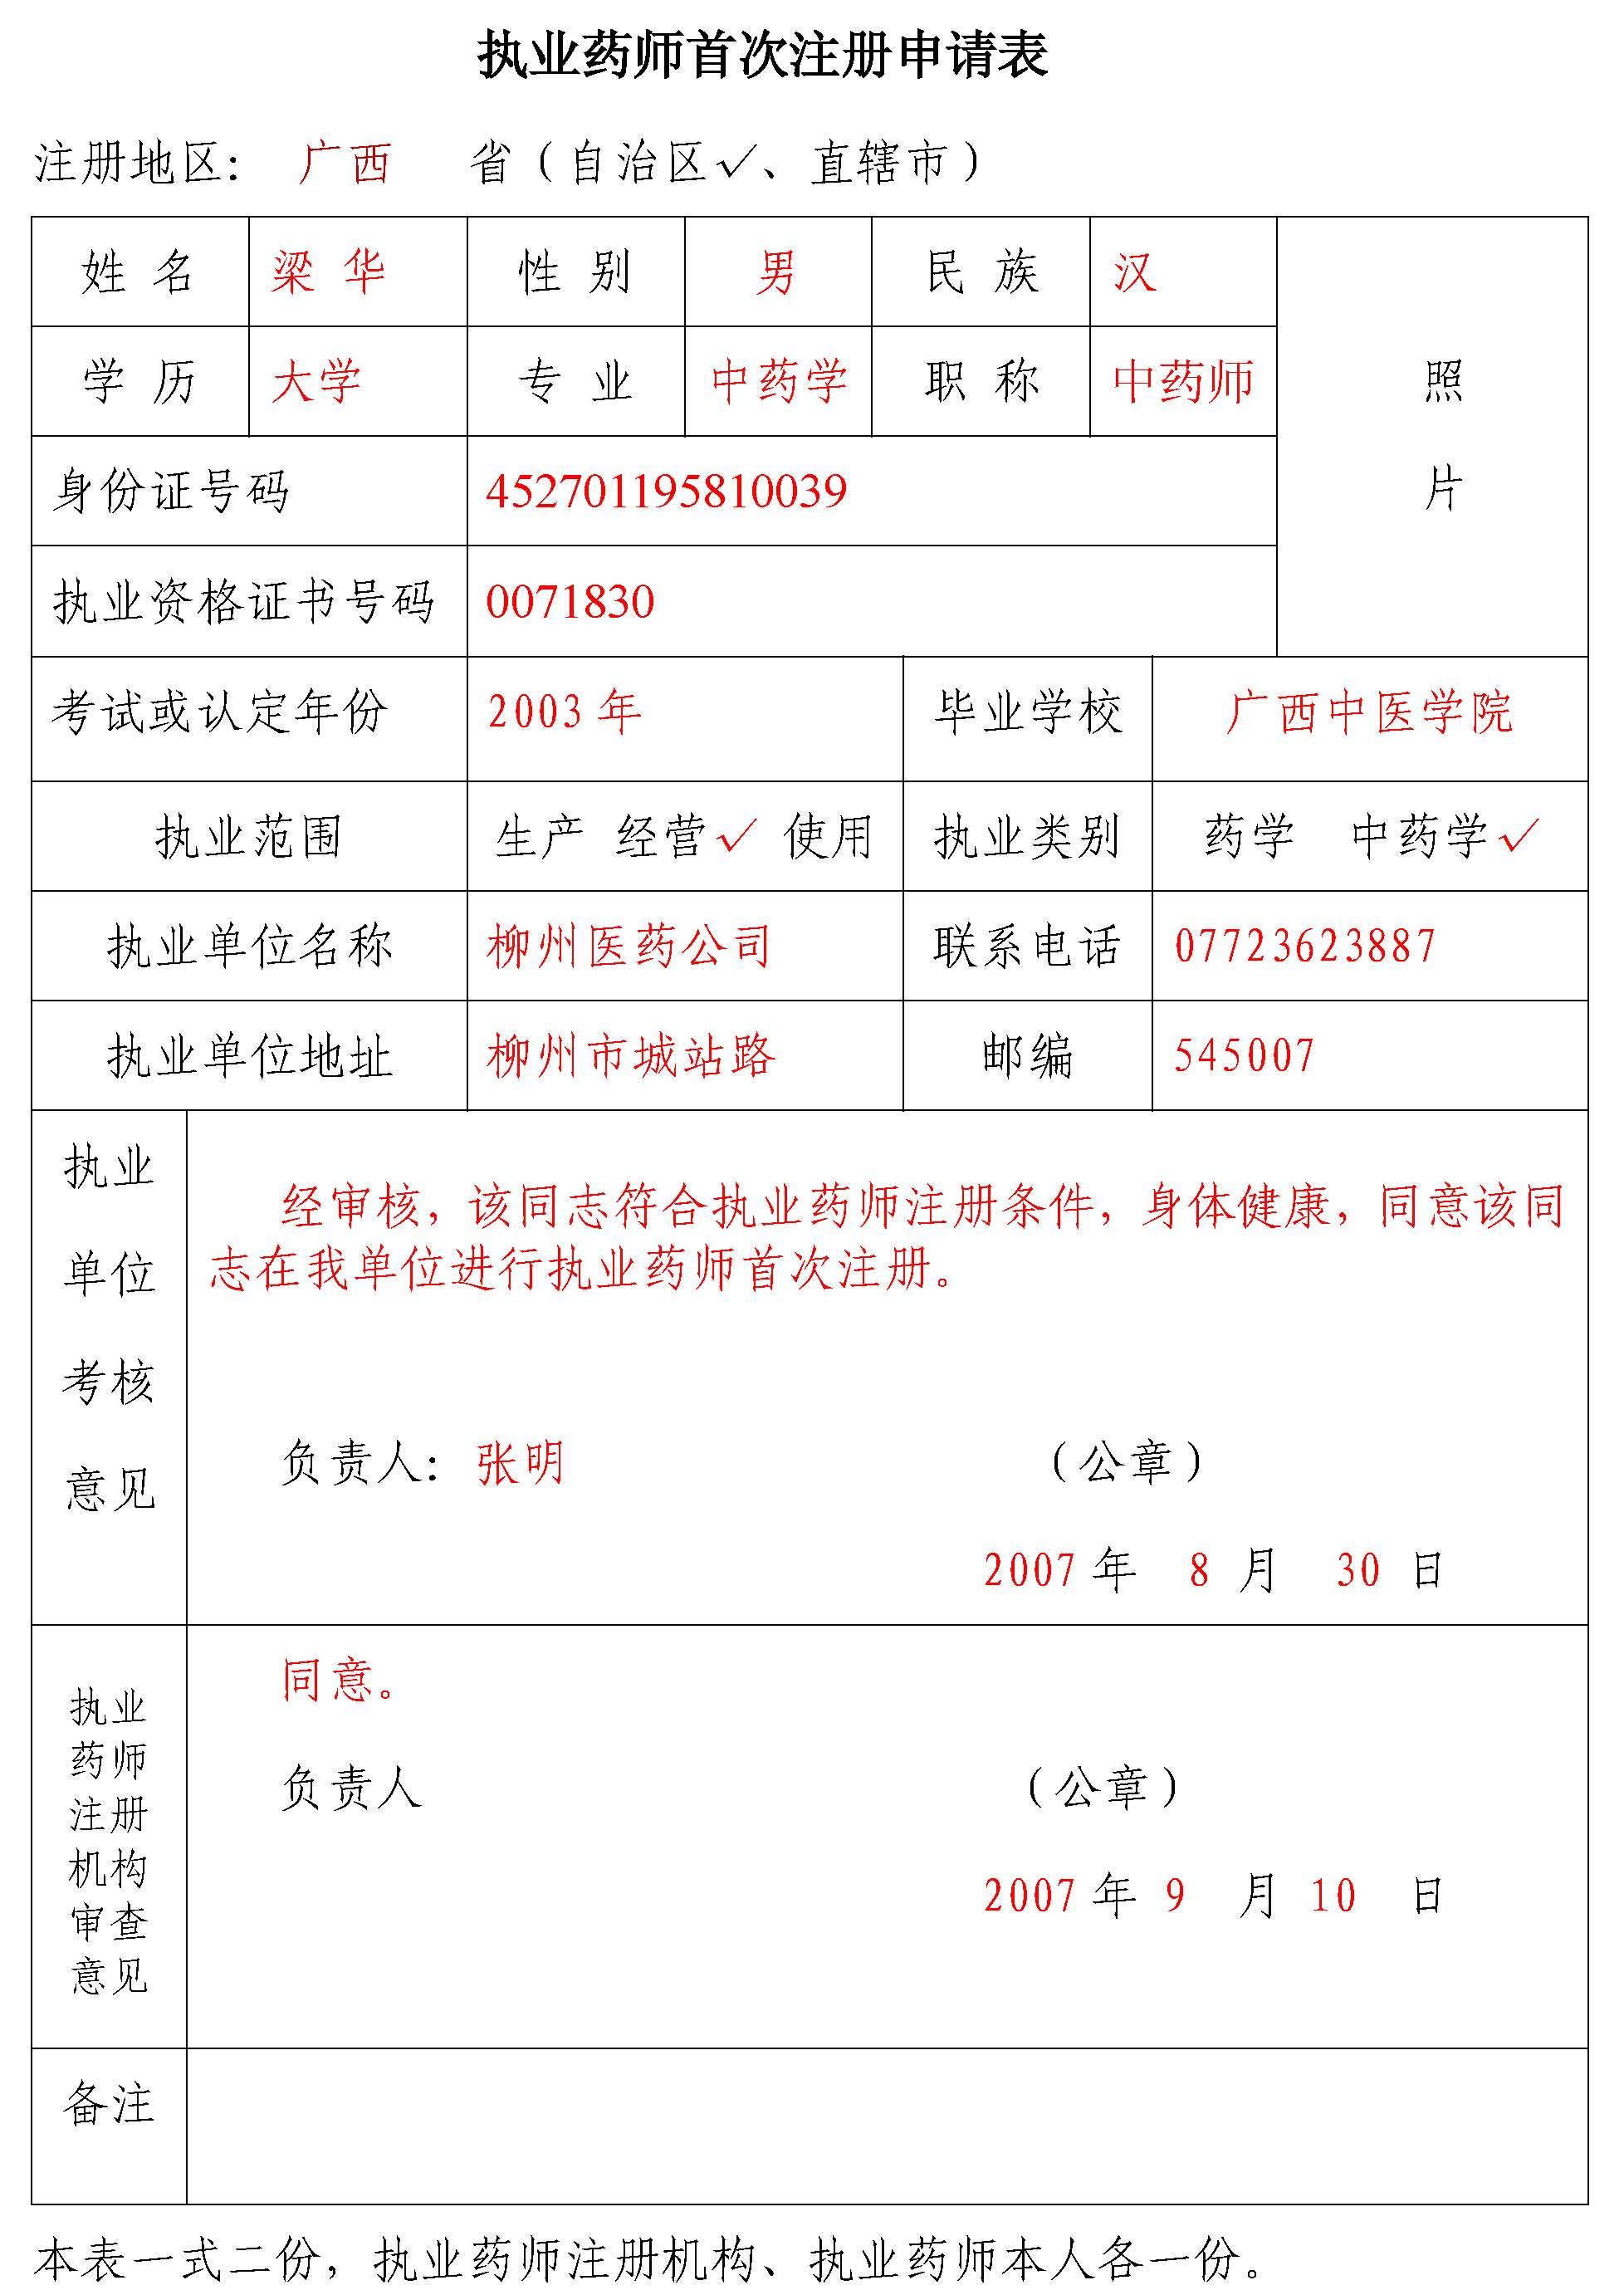 执业药师首次注册申请表填写范文